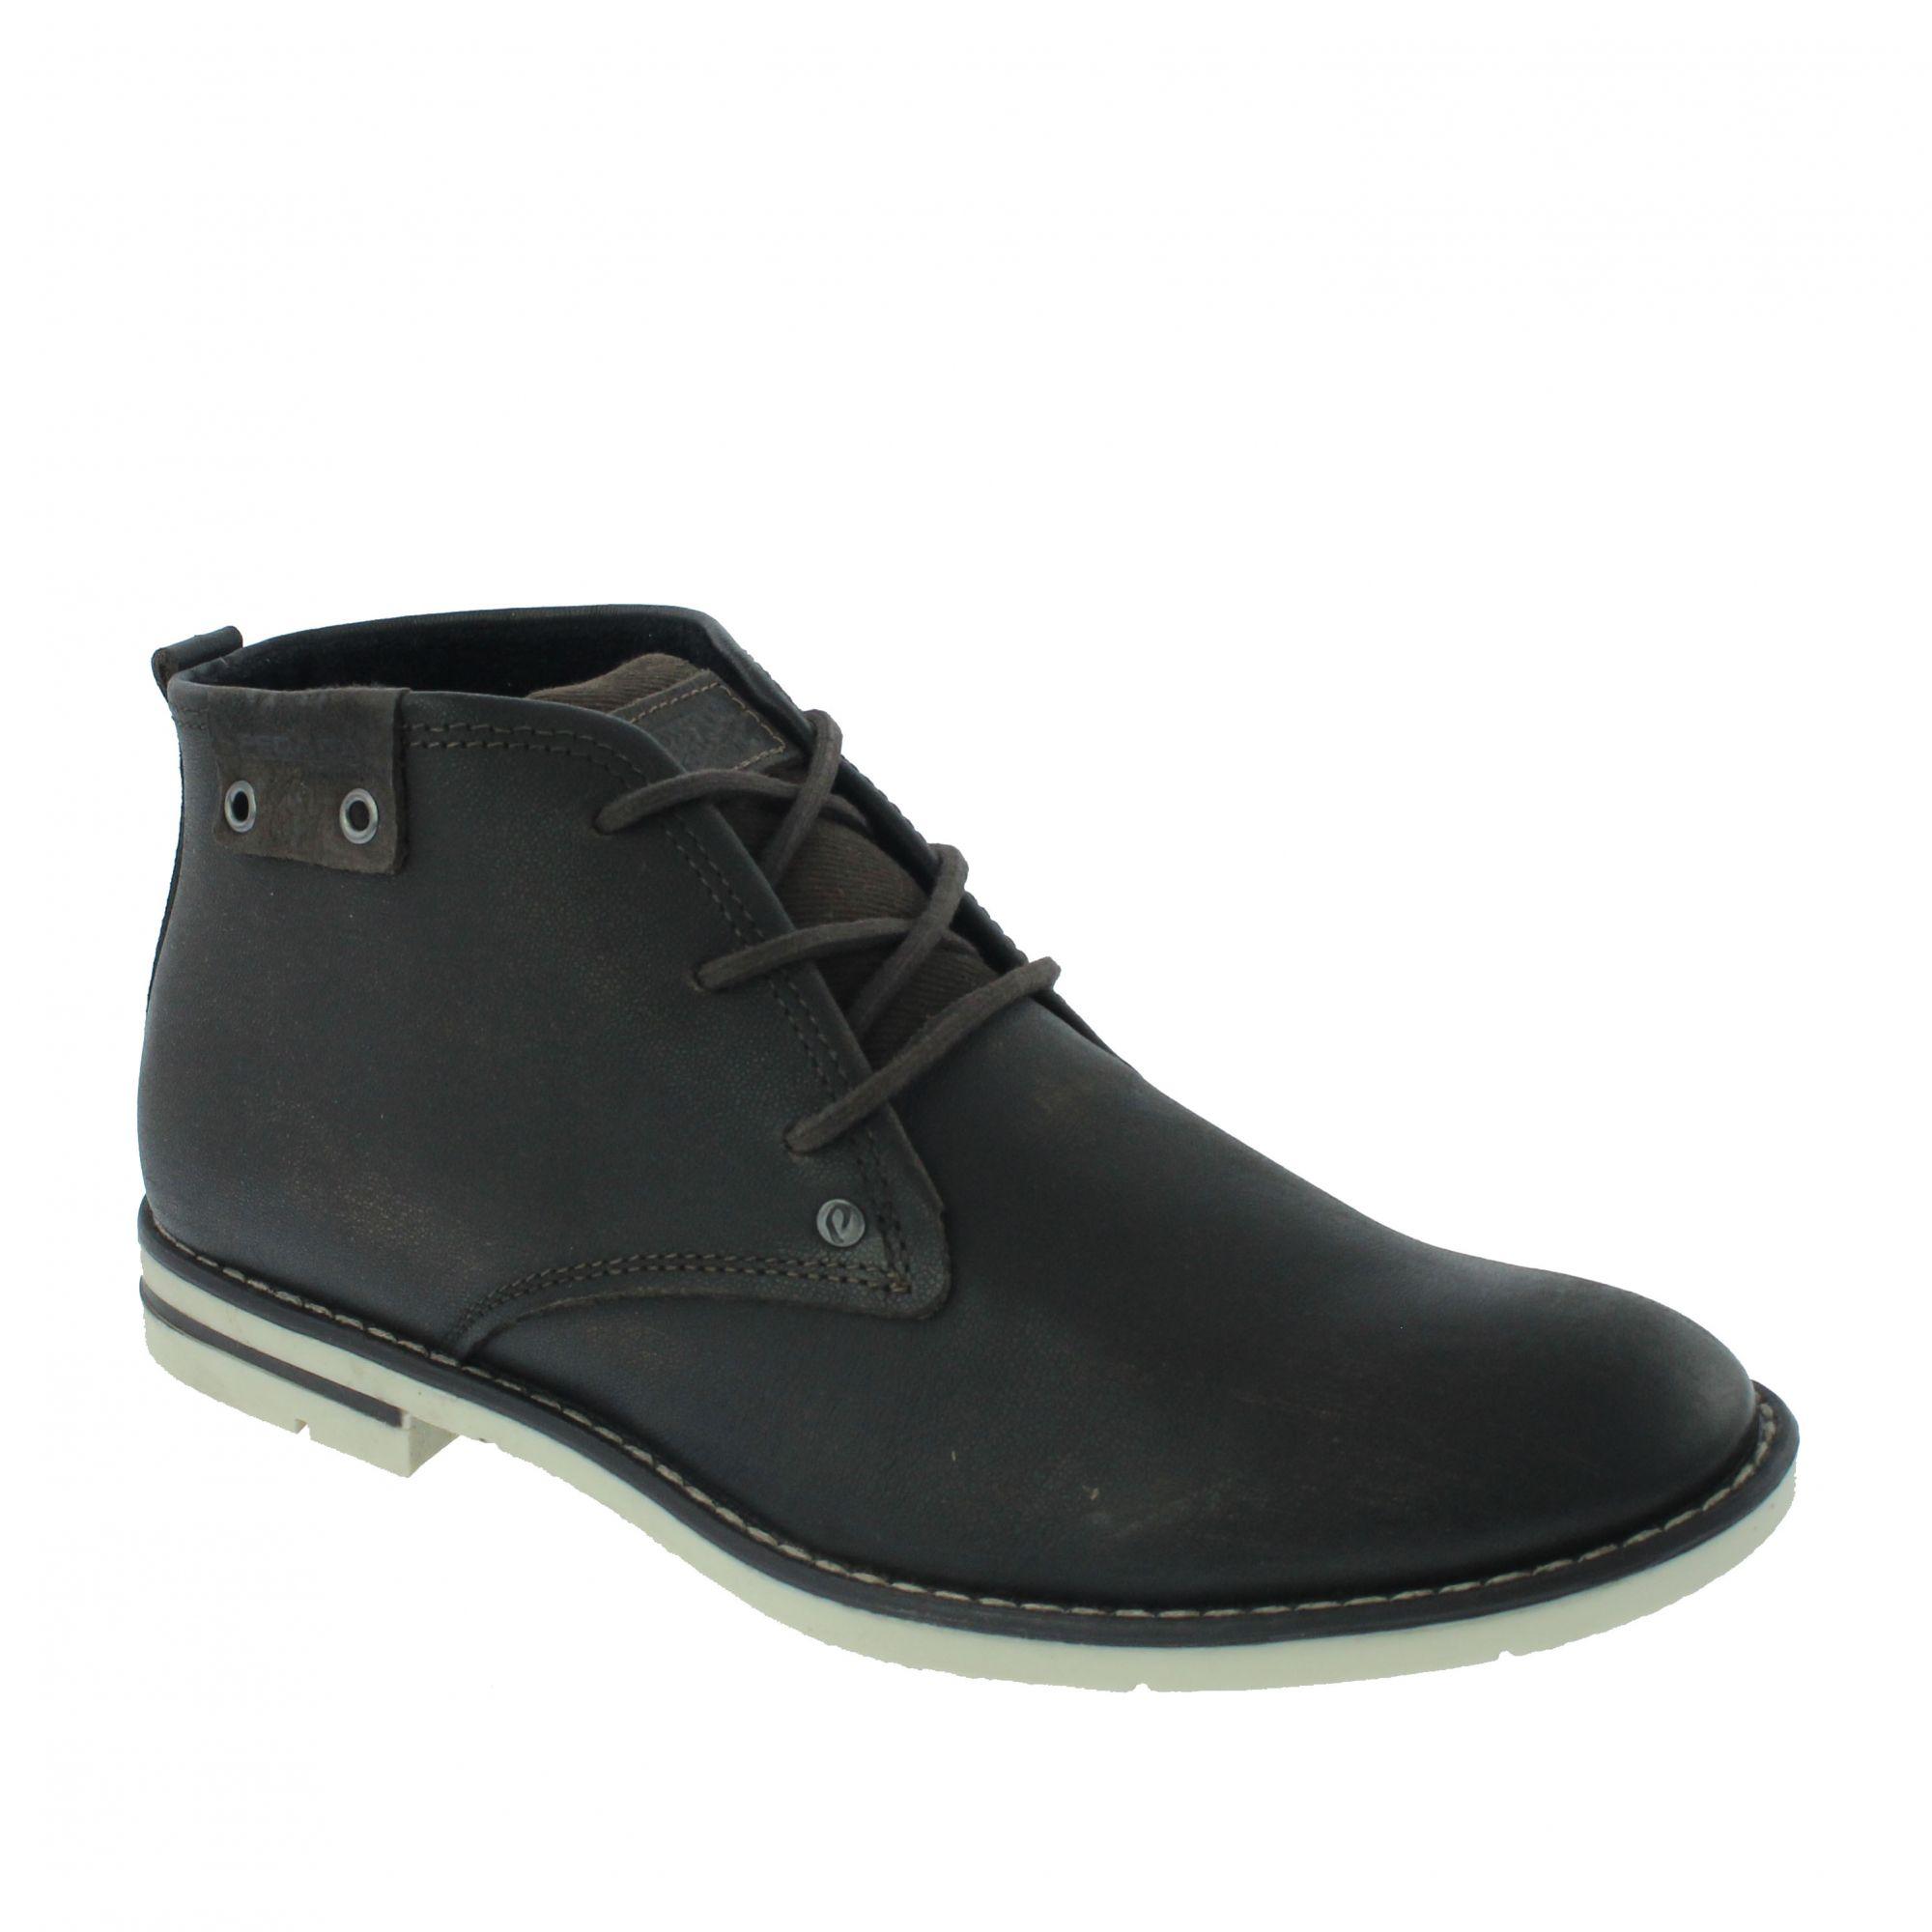 Sapato Pegada Social Couro Marrom Amortech - 121976-09